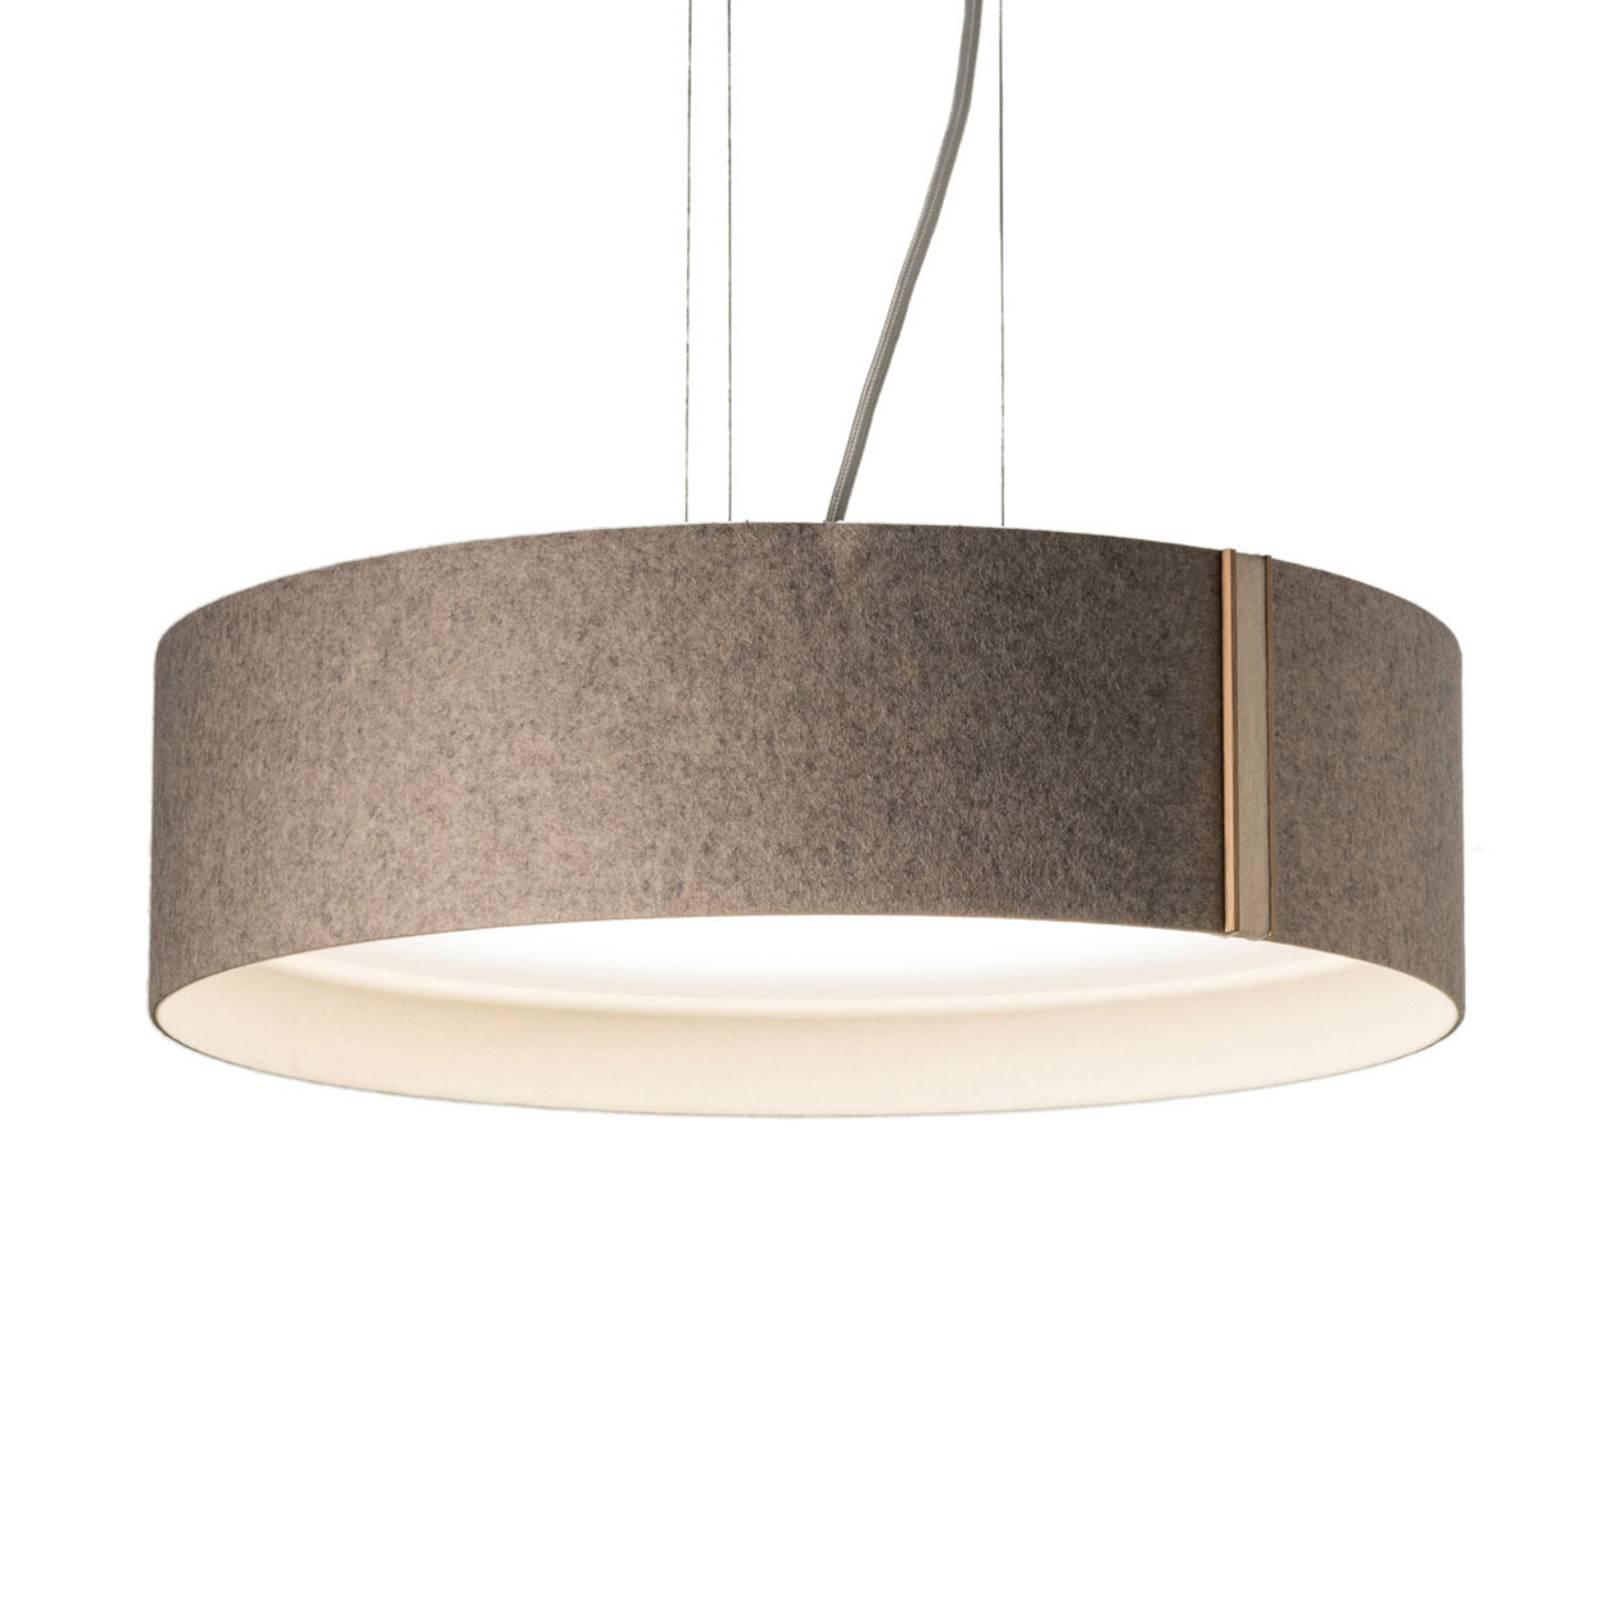 LED-riippuvalaisin LARAfelt M, Ø43cm, harmaa/villa